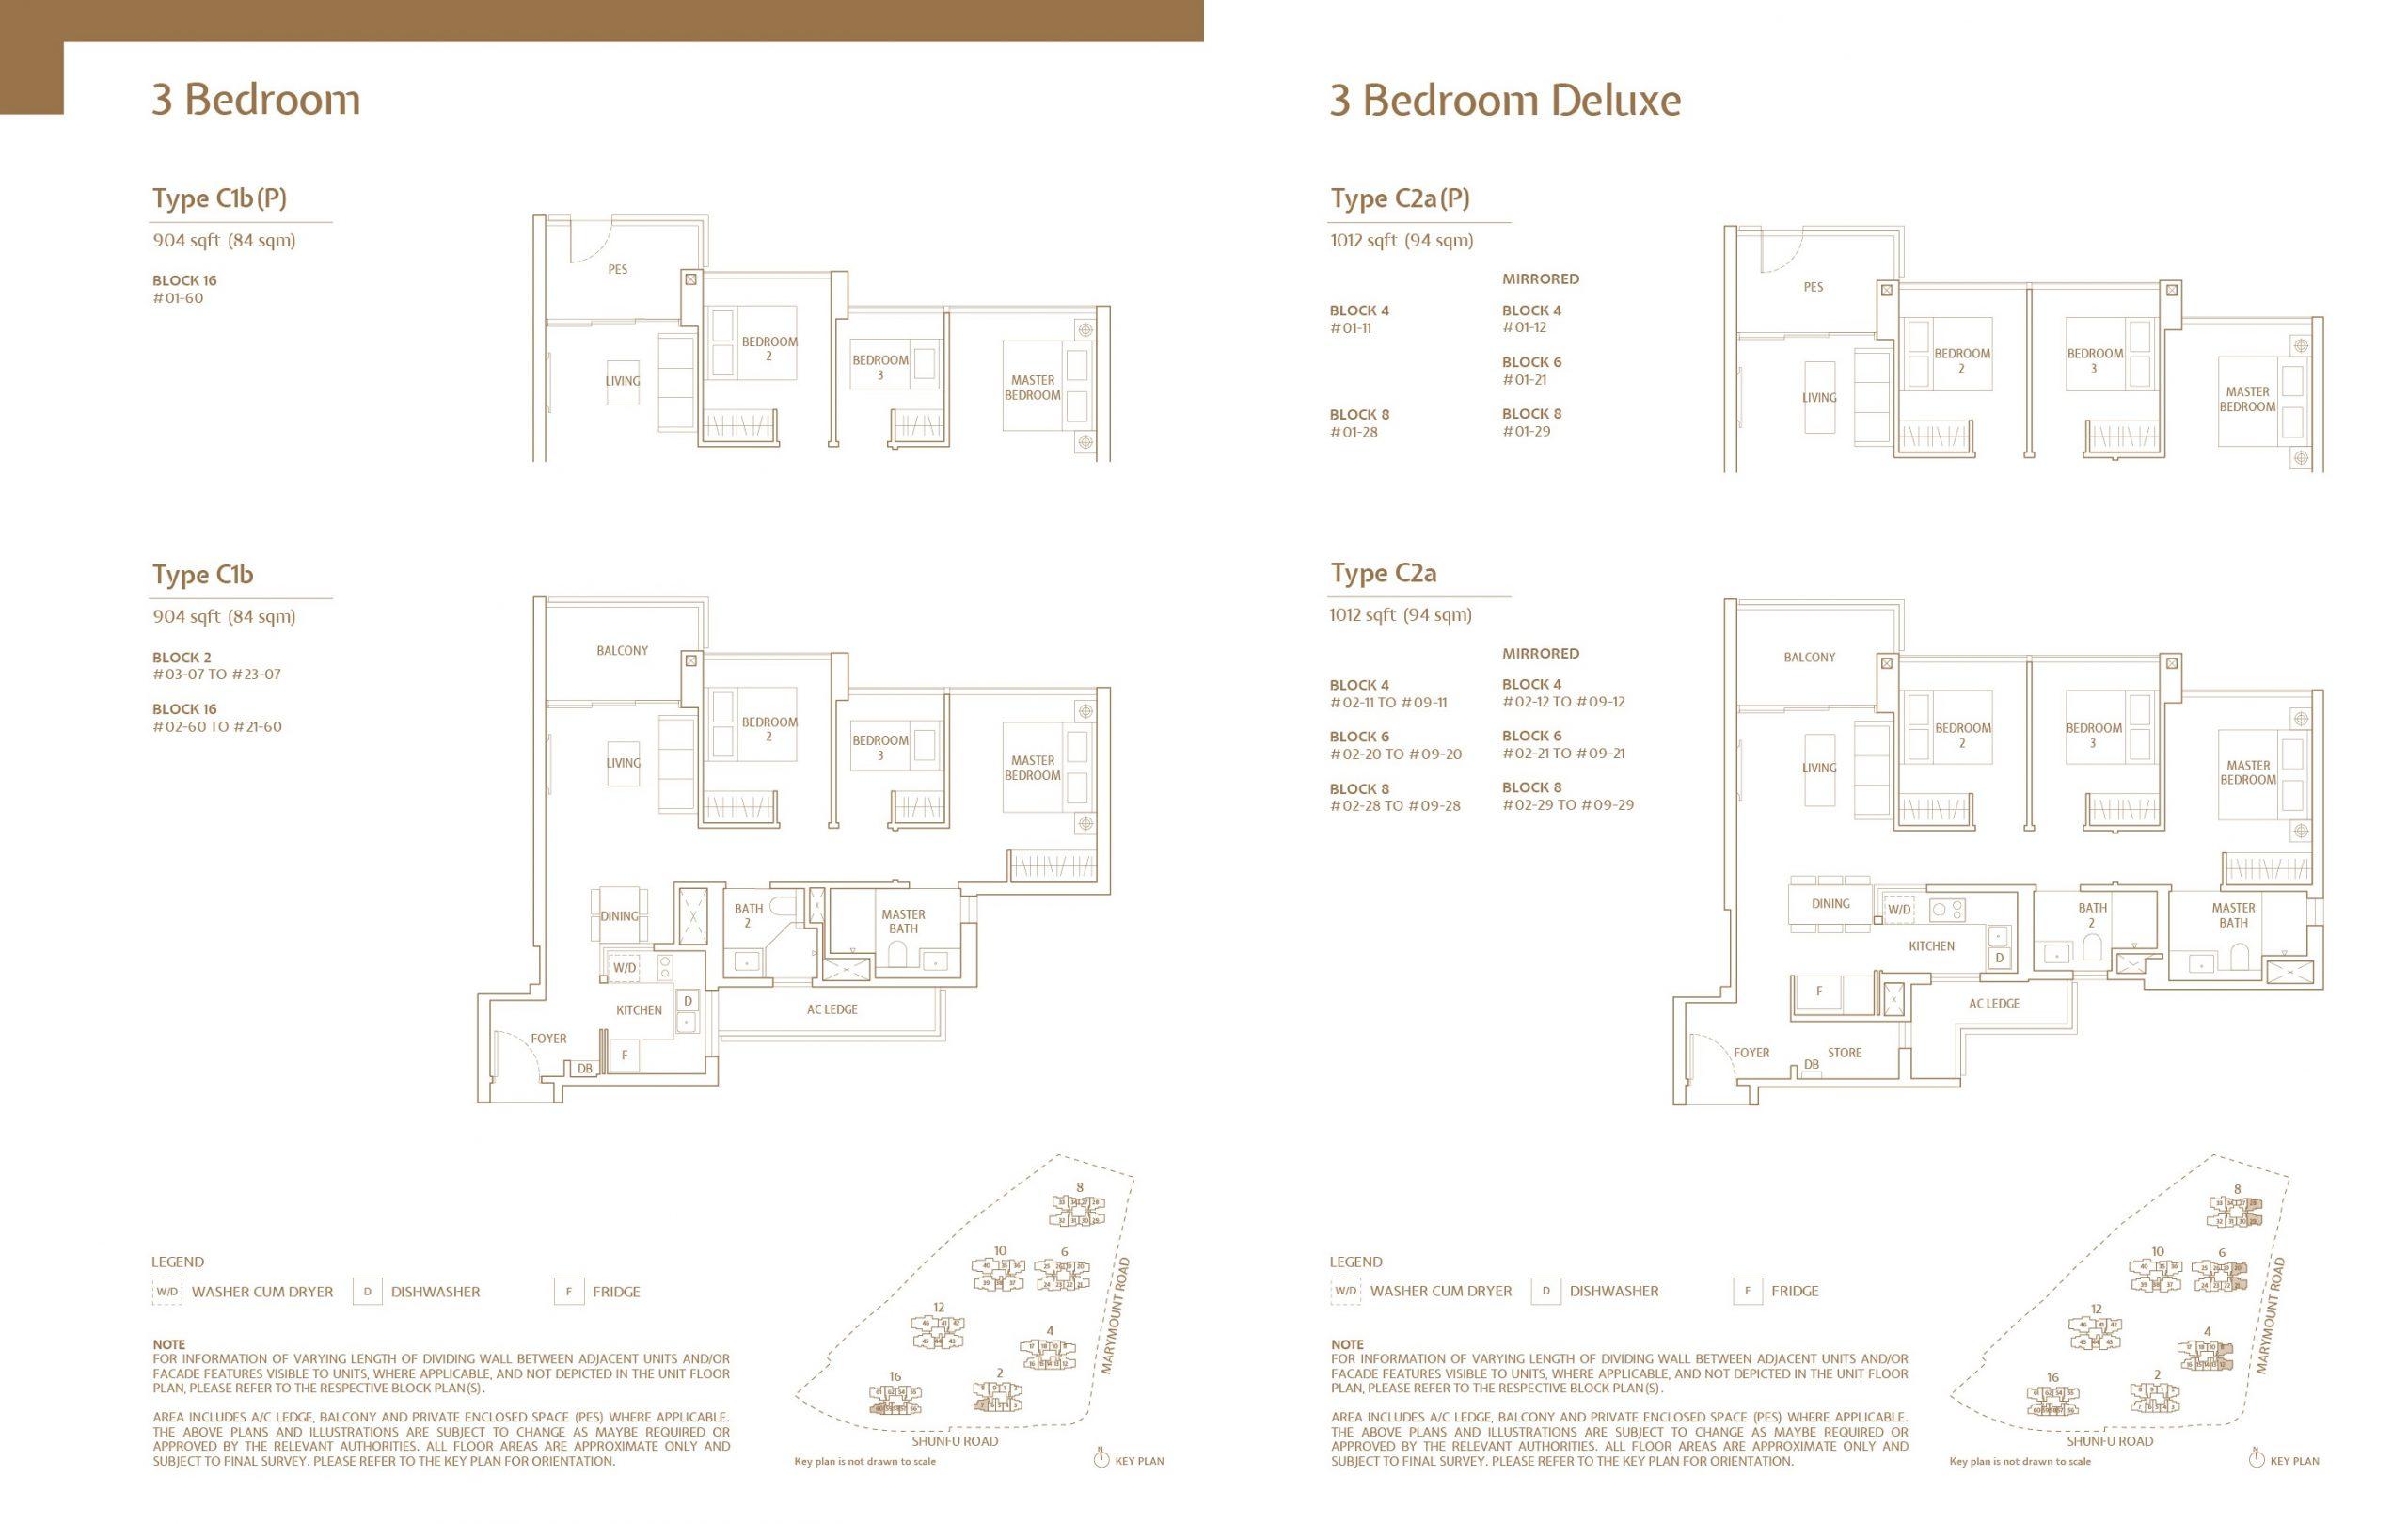 jadescape-floorplan-3br